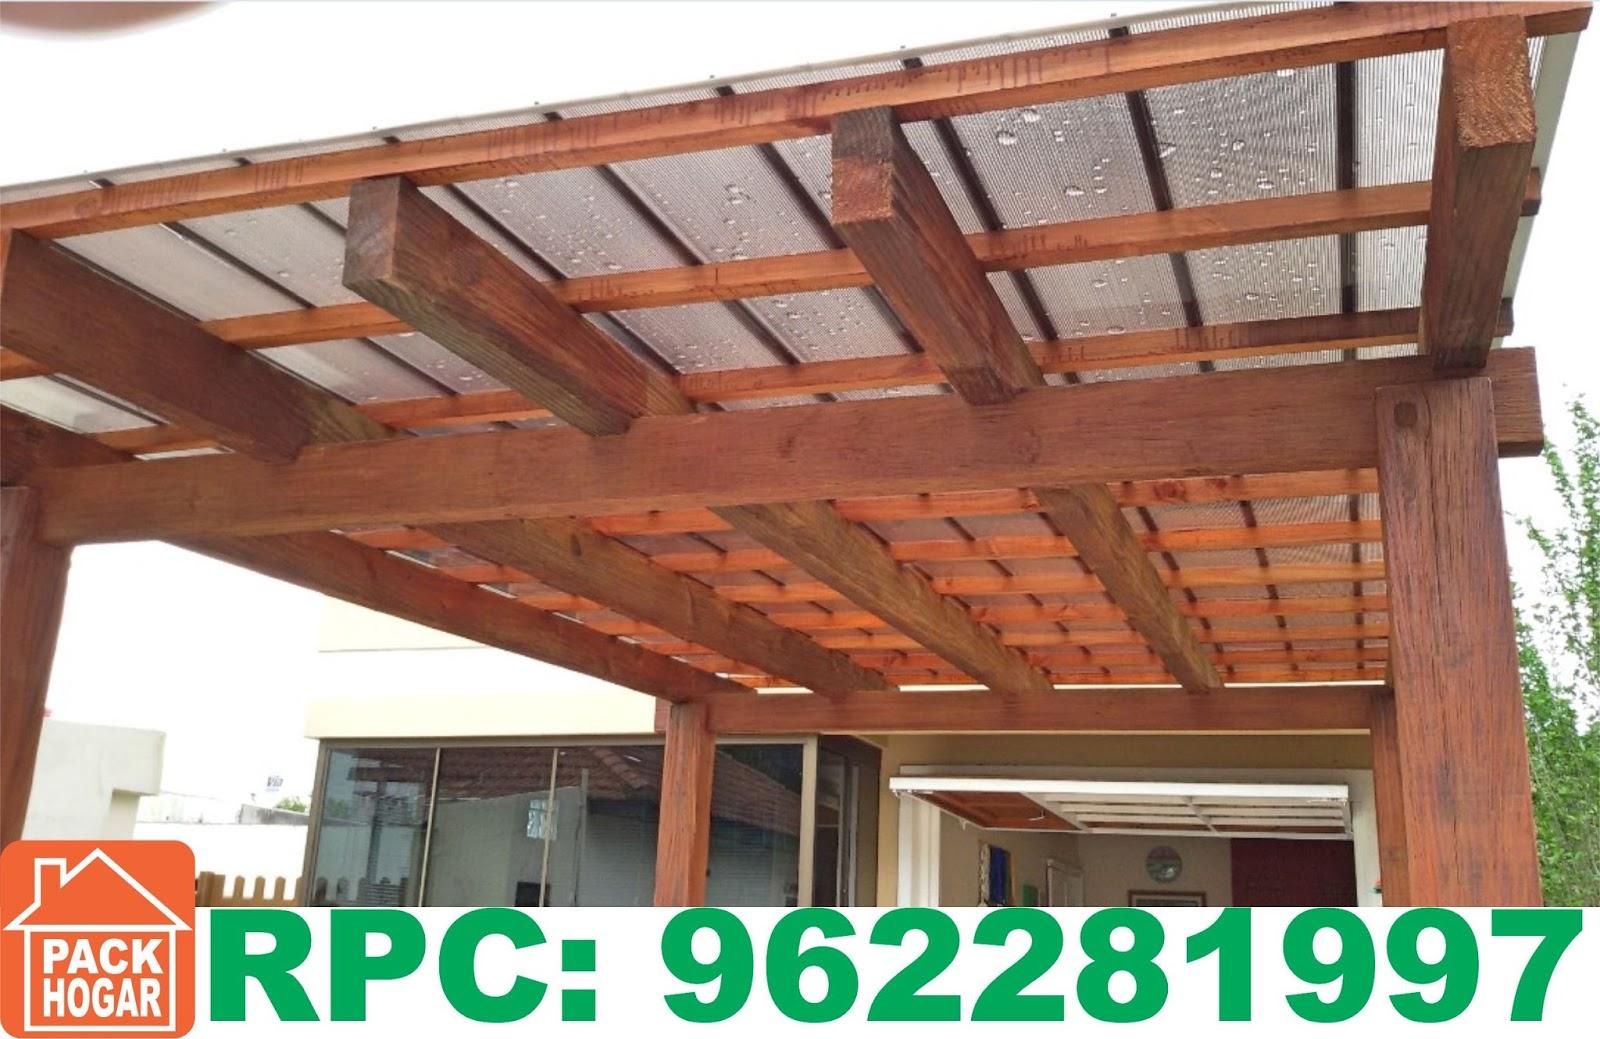 Construcci n de techos en madera en lima per for Modelos de terrazas en madera